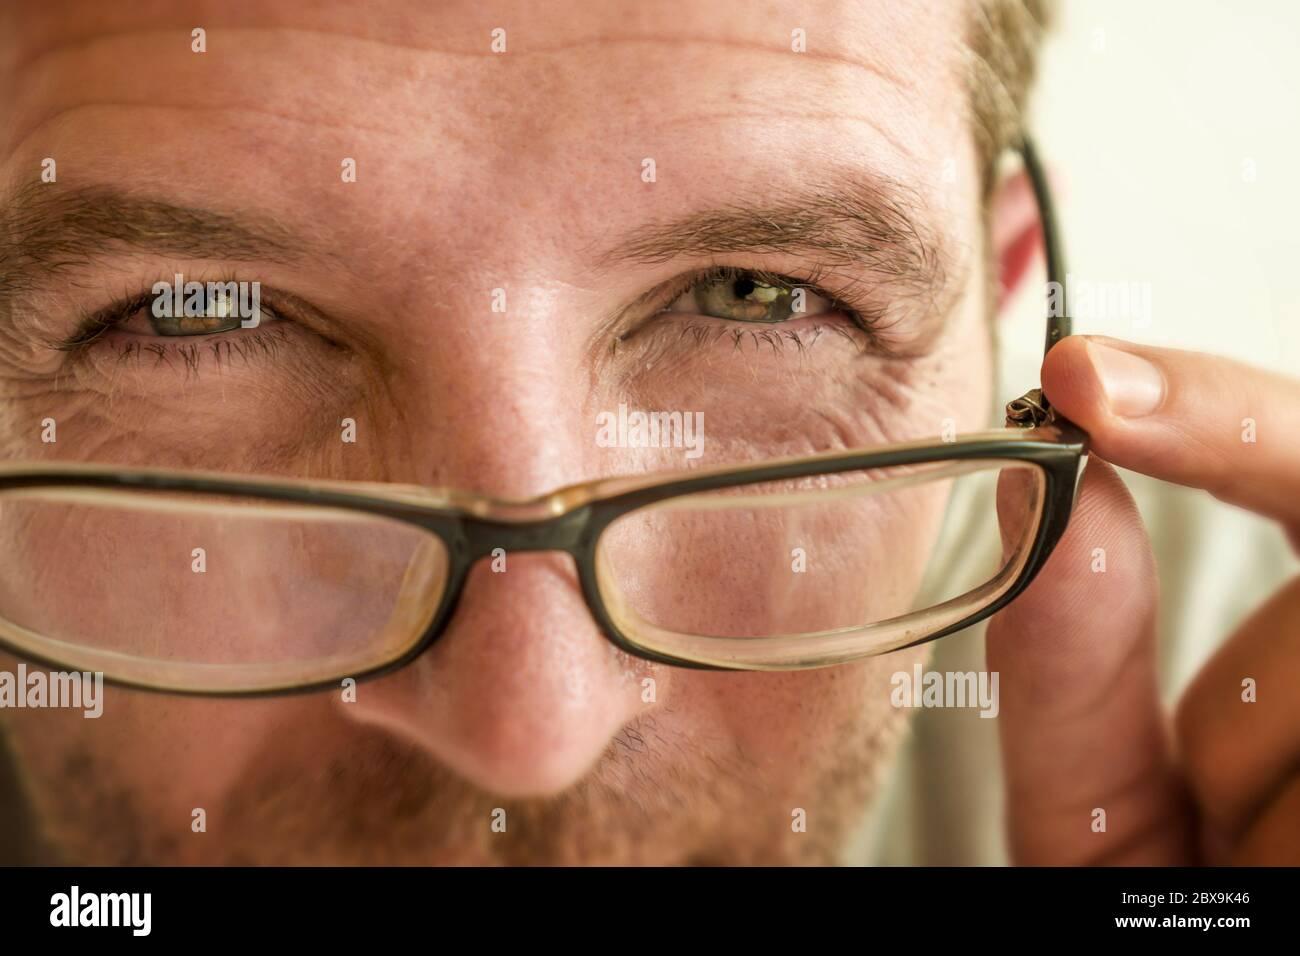 gros plan portrait du visage de l'homme vérifiant la vision essayant des lunettes à l'optométriste . guy 40s pendant l'examen optique des lunettes de correction de la myopie Banque D'Images